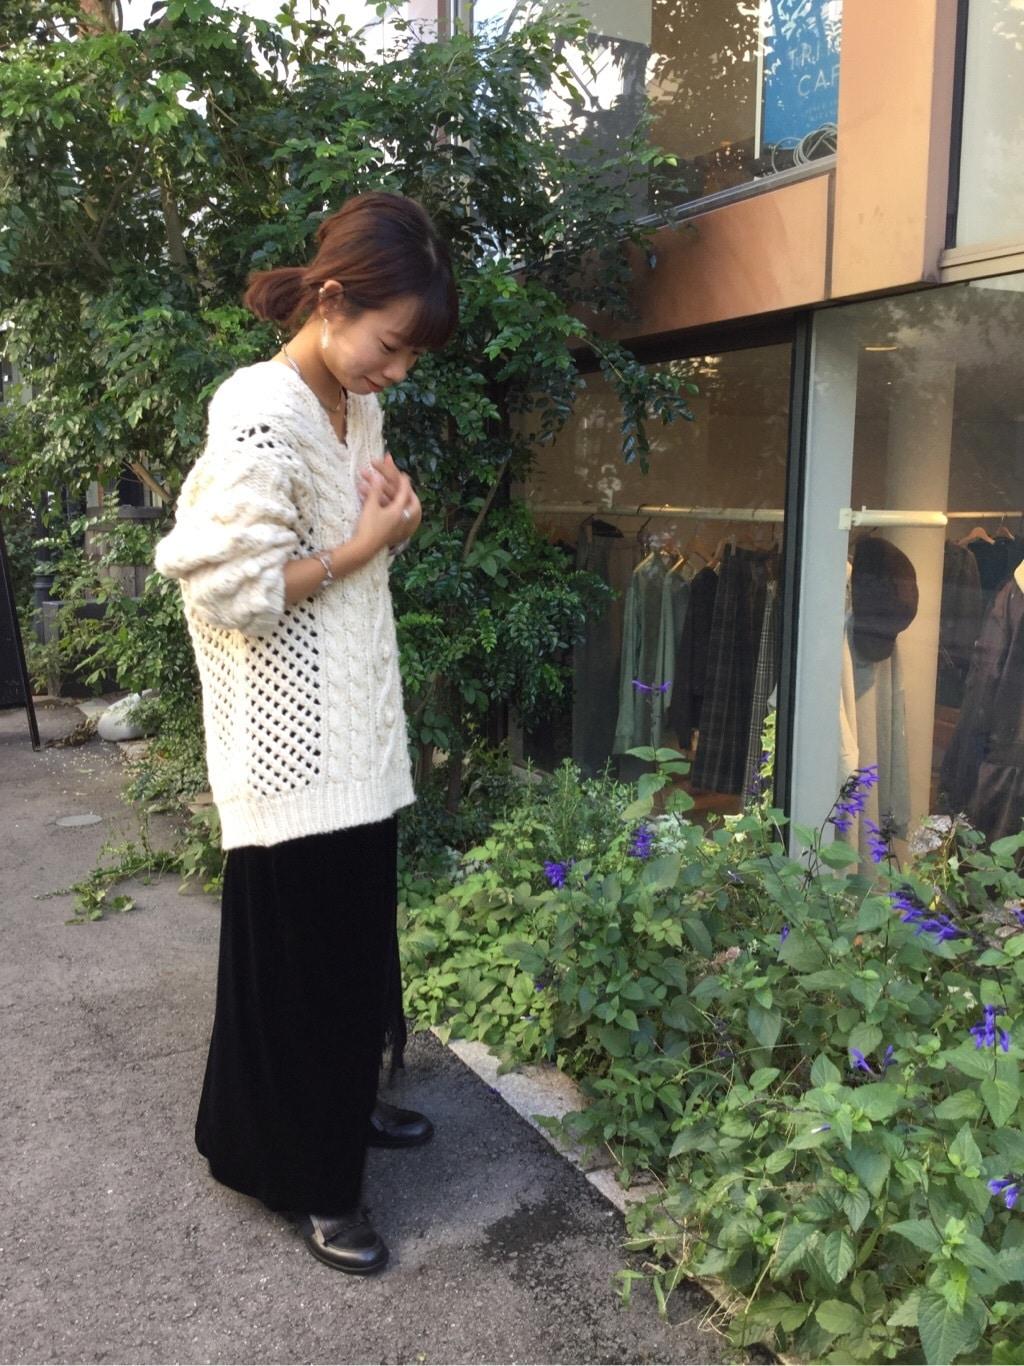 l'atelier du savon 代官山路面 身長:150cm 2019.11.13